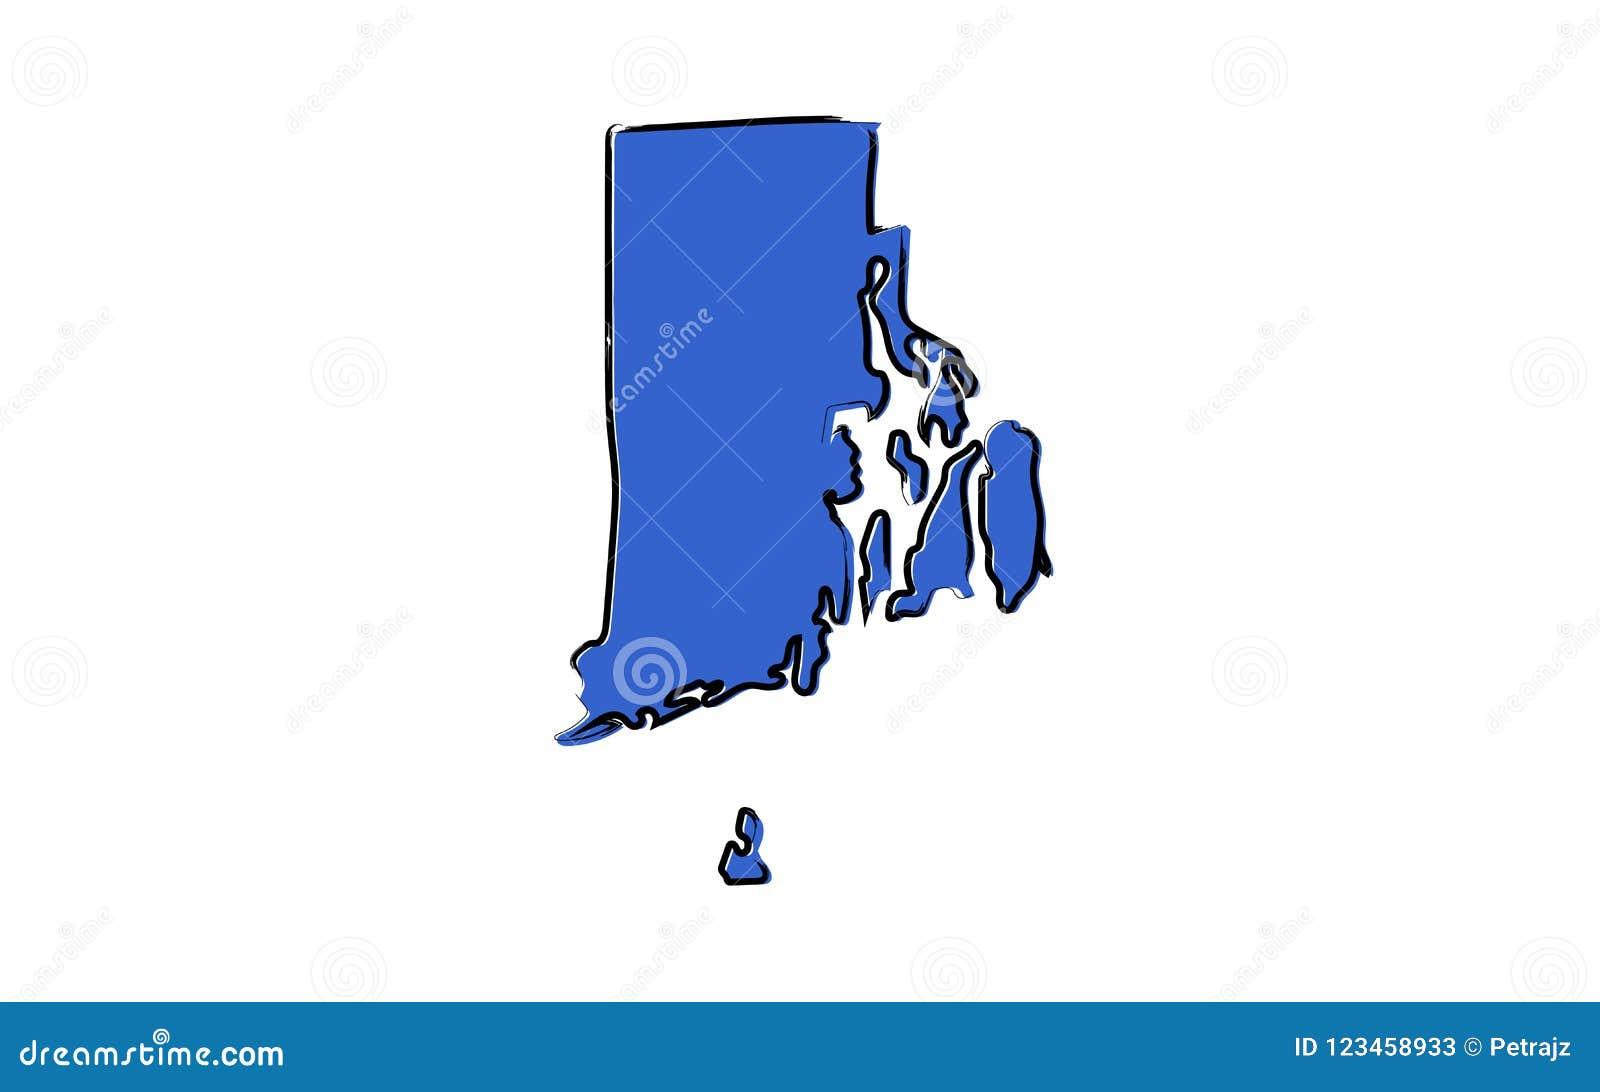 Τυποποιημένος μπλε χάρτης σκίτσων του Ρόουντ Άιλαντ